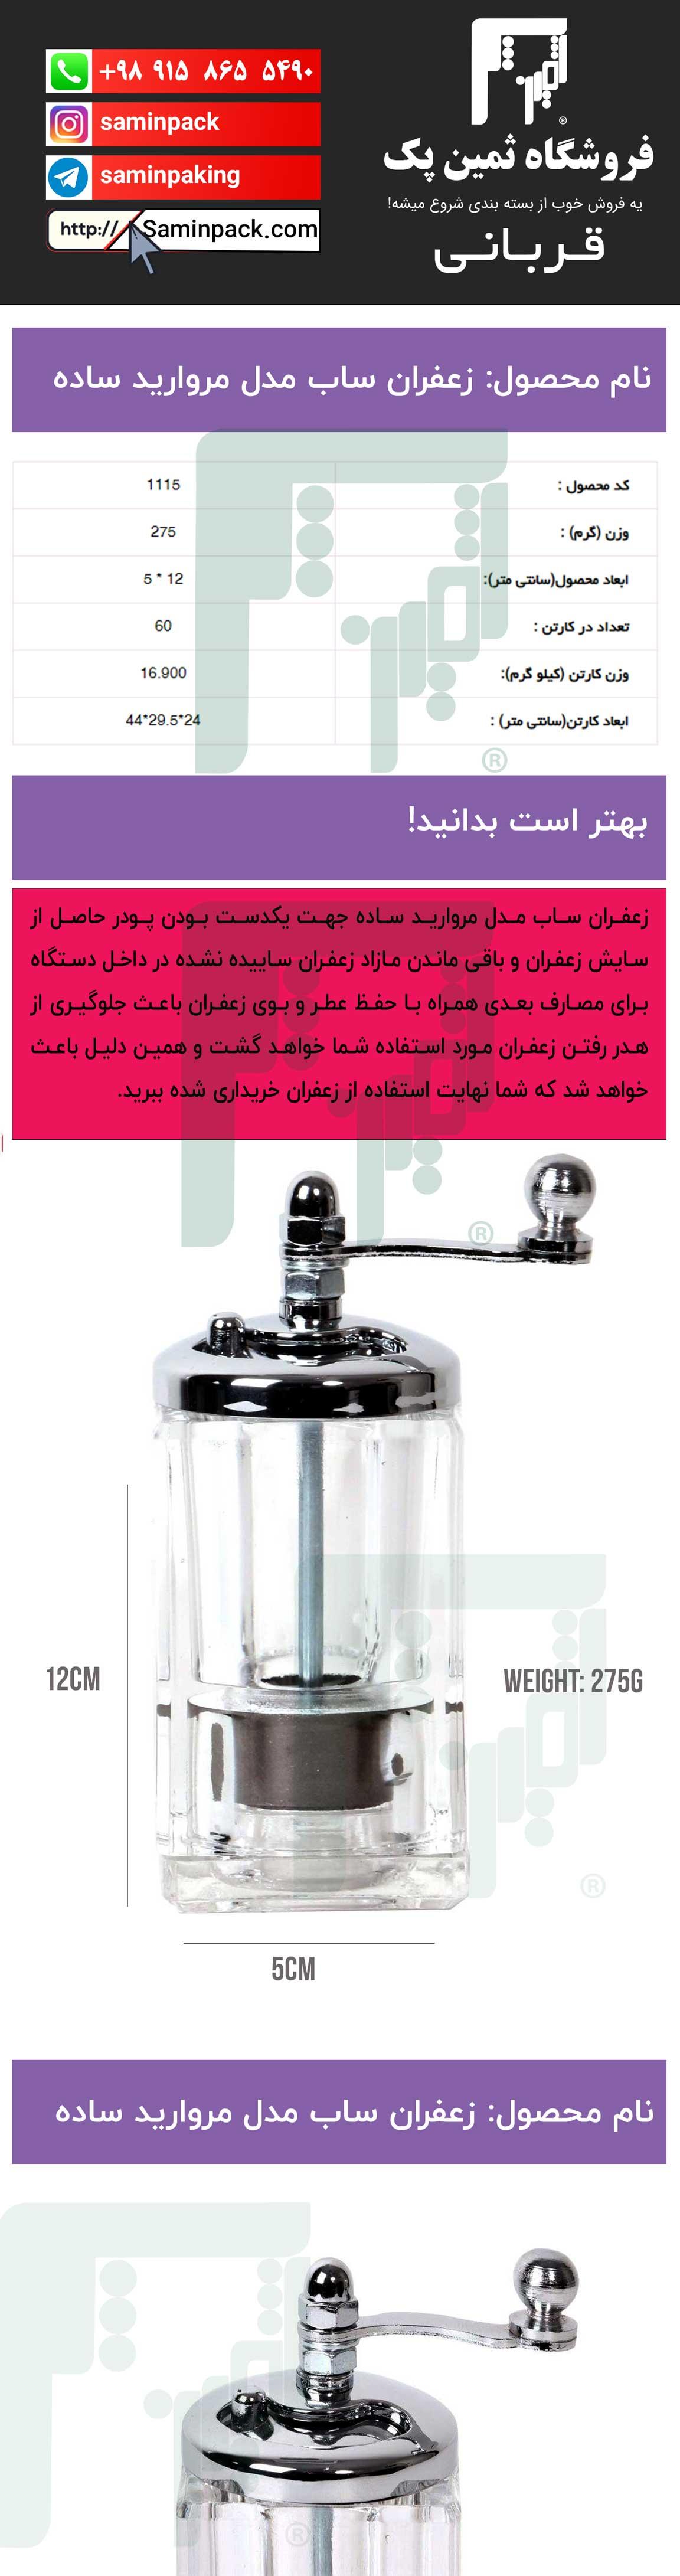 خرید زعفران ساب گلساب مروارید ساده